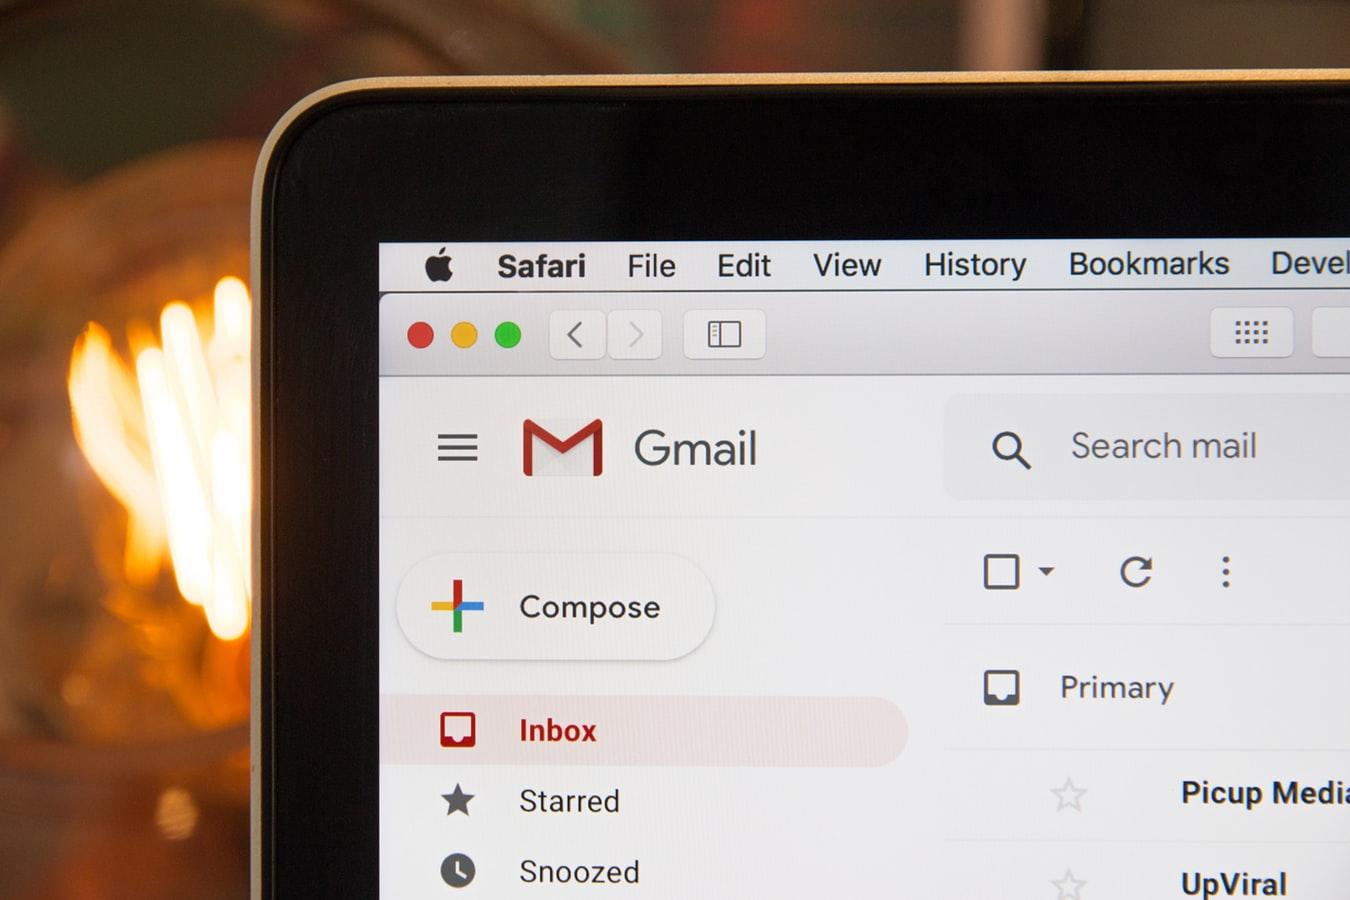 webmail-provider-piu-utilizzati-dagli-utenti-del-mondo